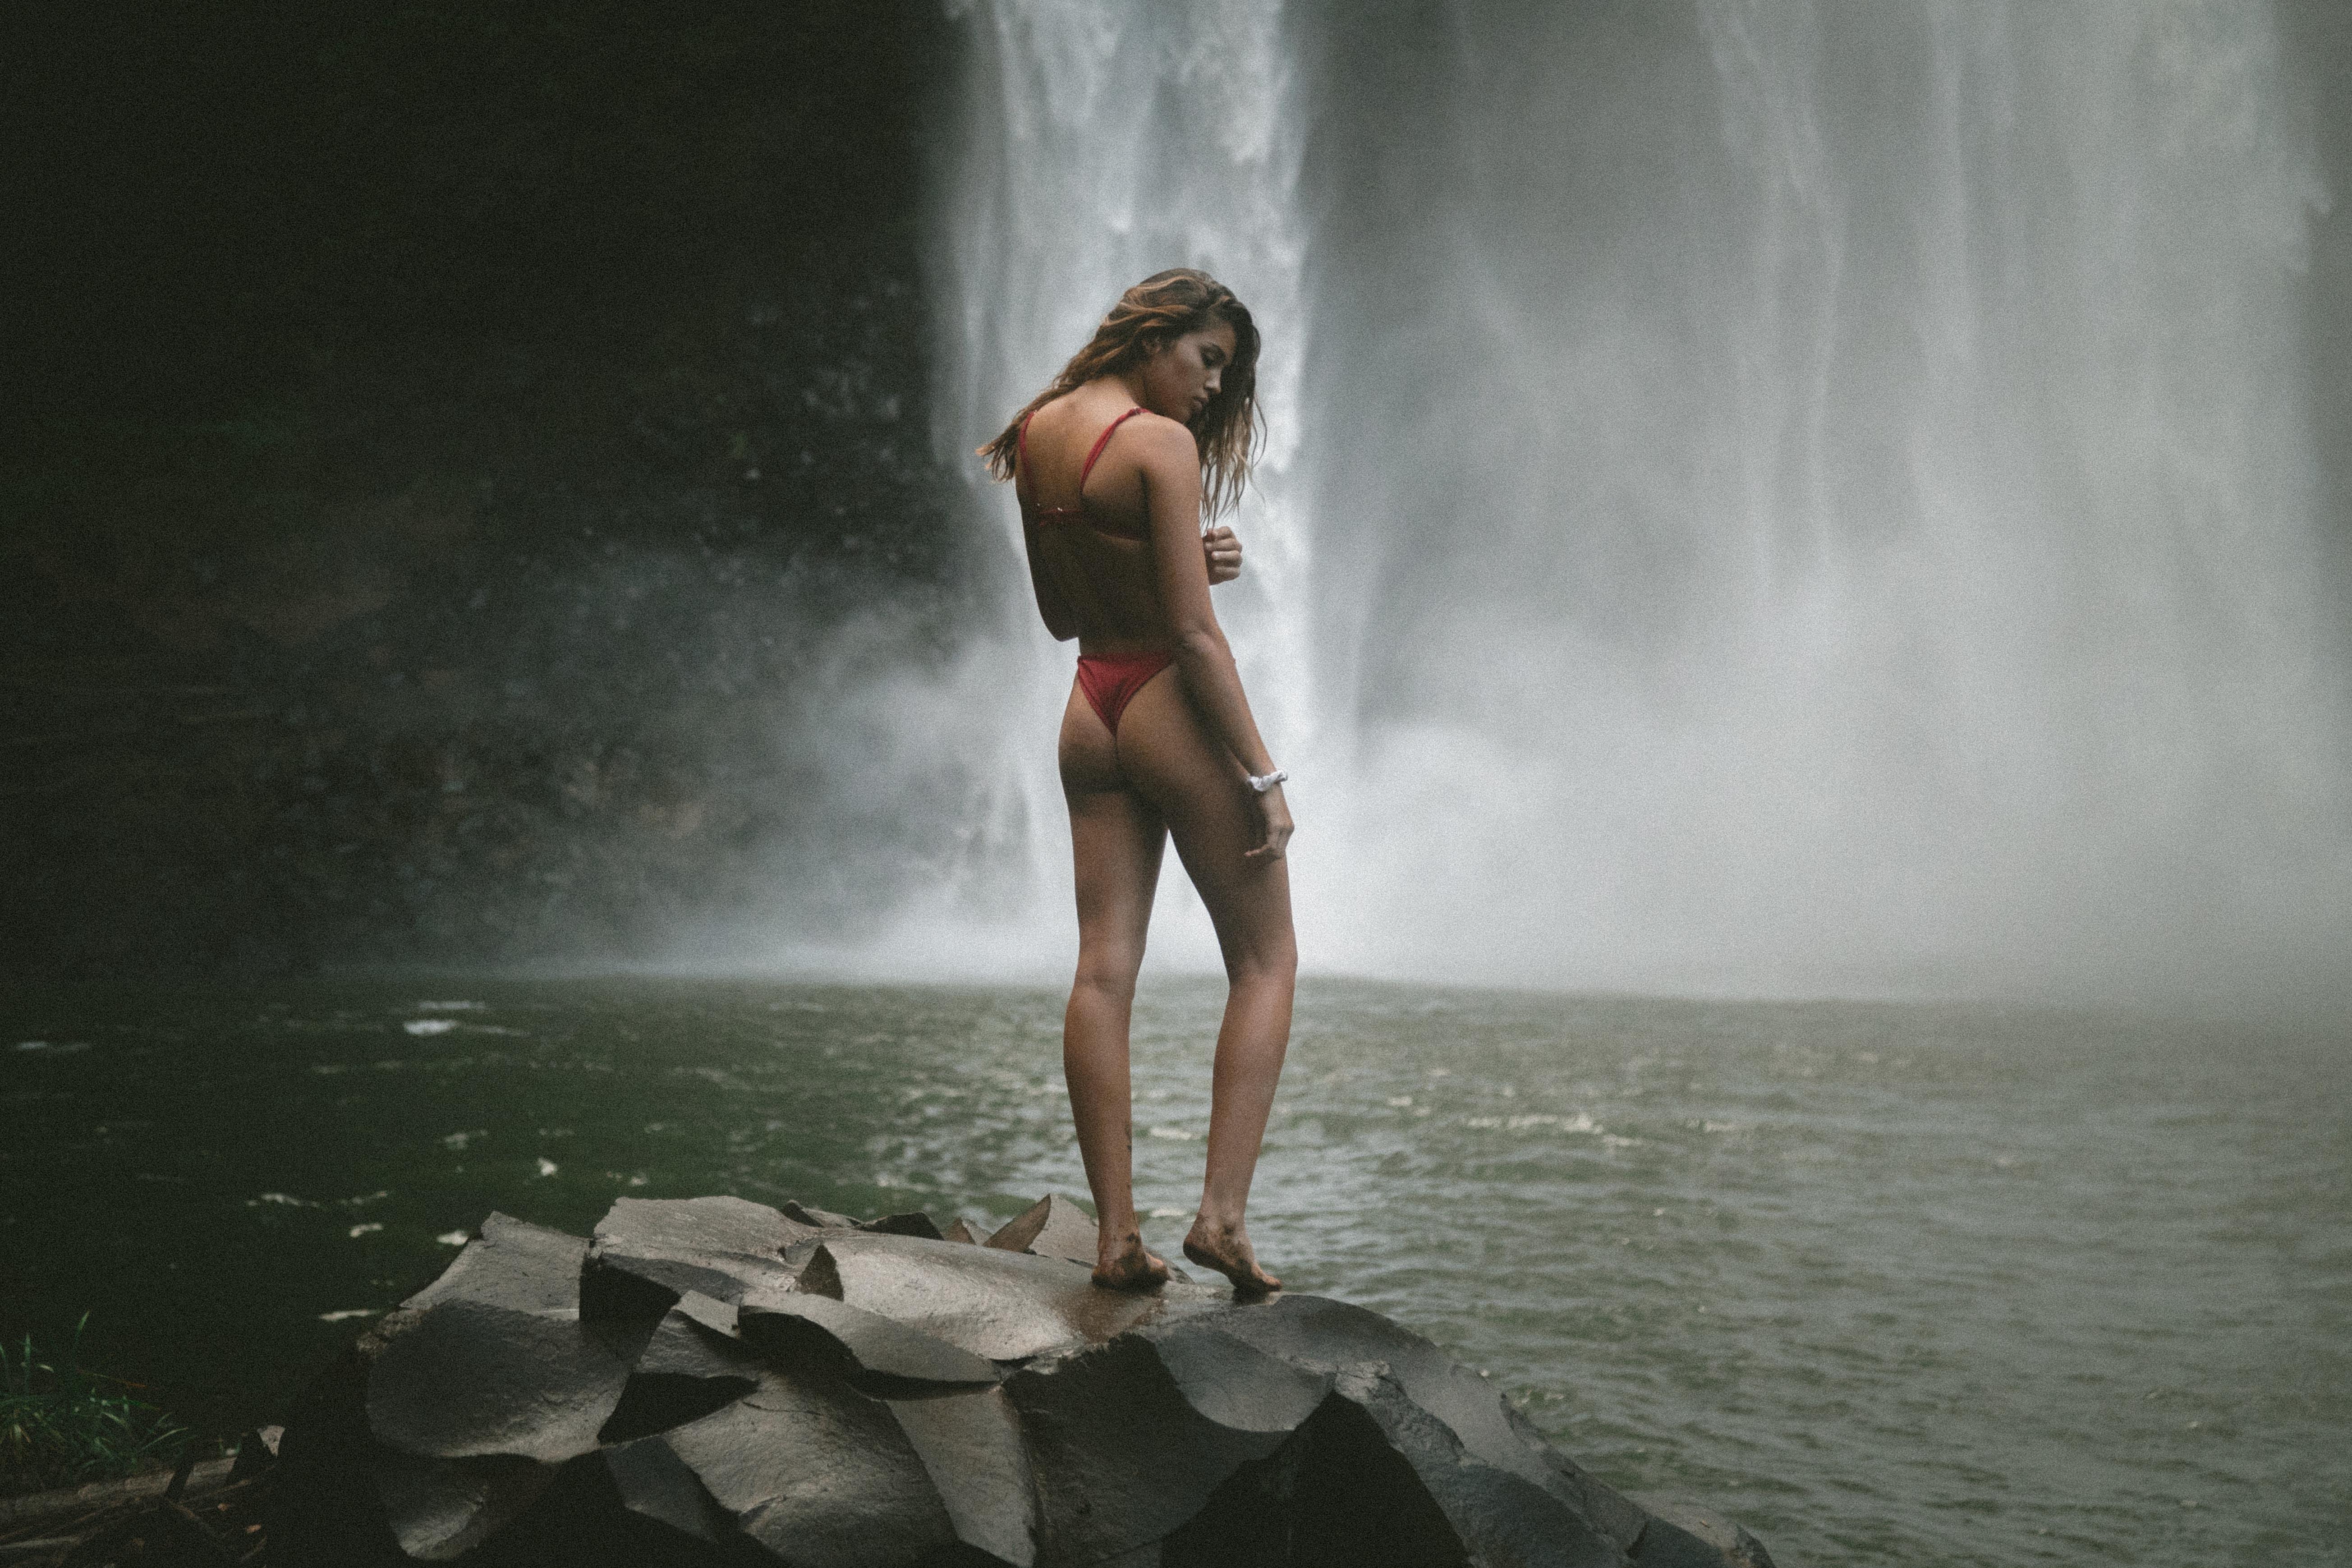 ムダ毛のない女性の水着姿